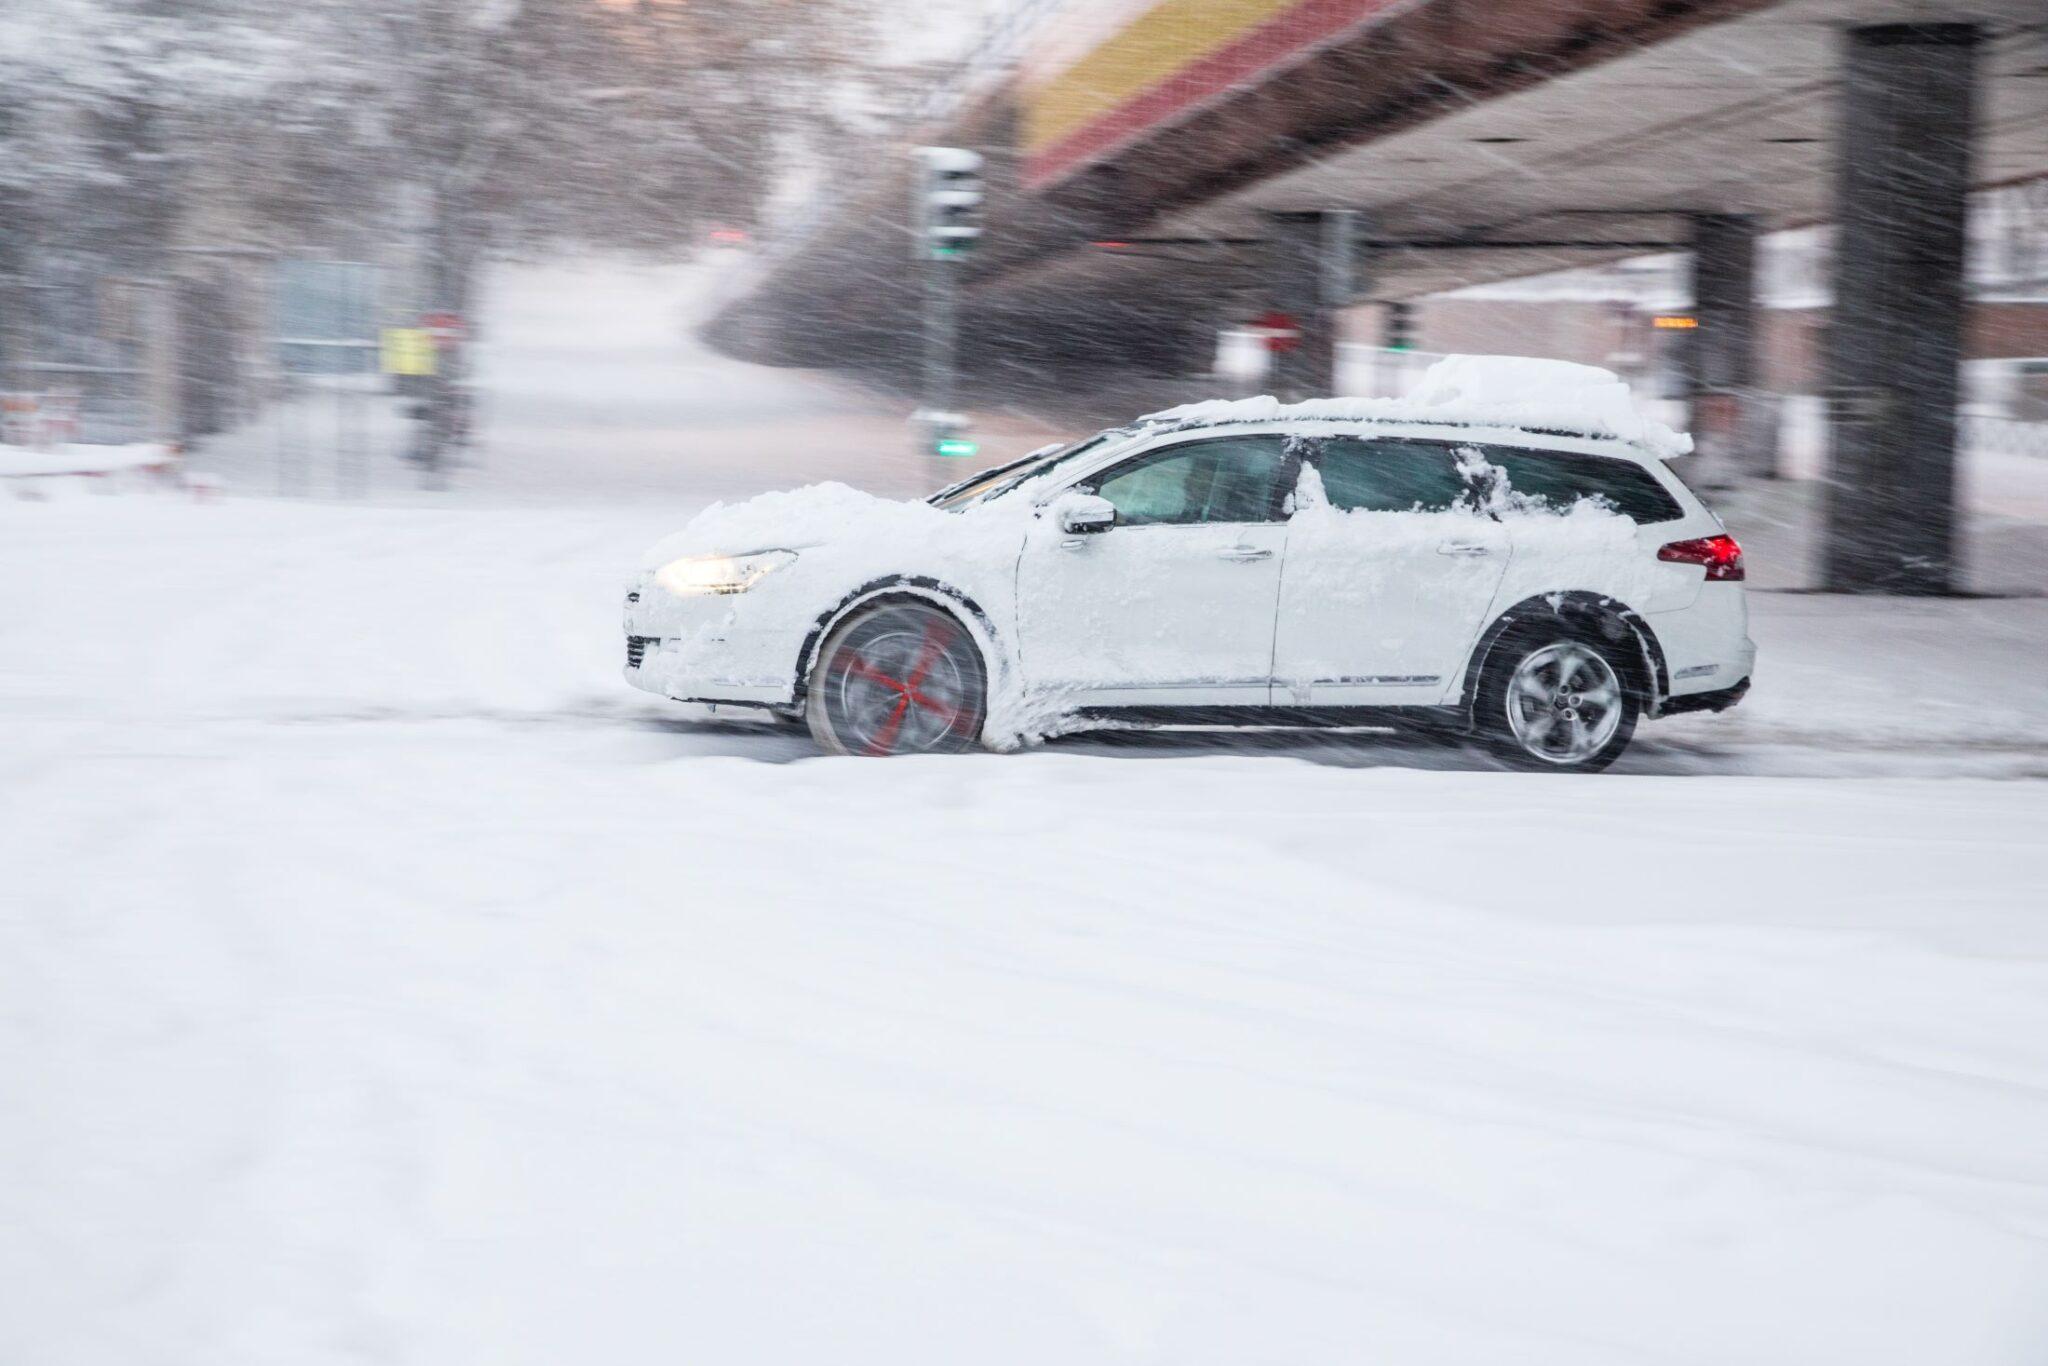 ¿Cómo conducir con nieve o hielo?